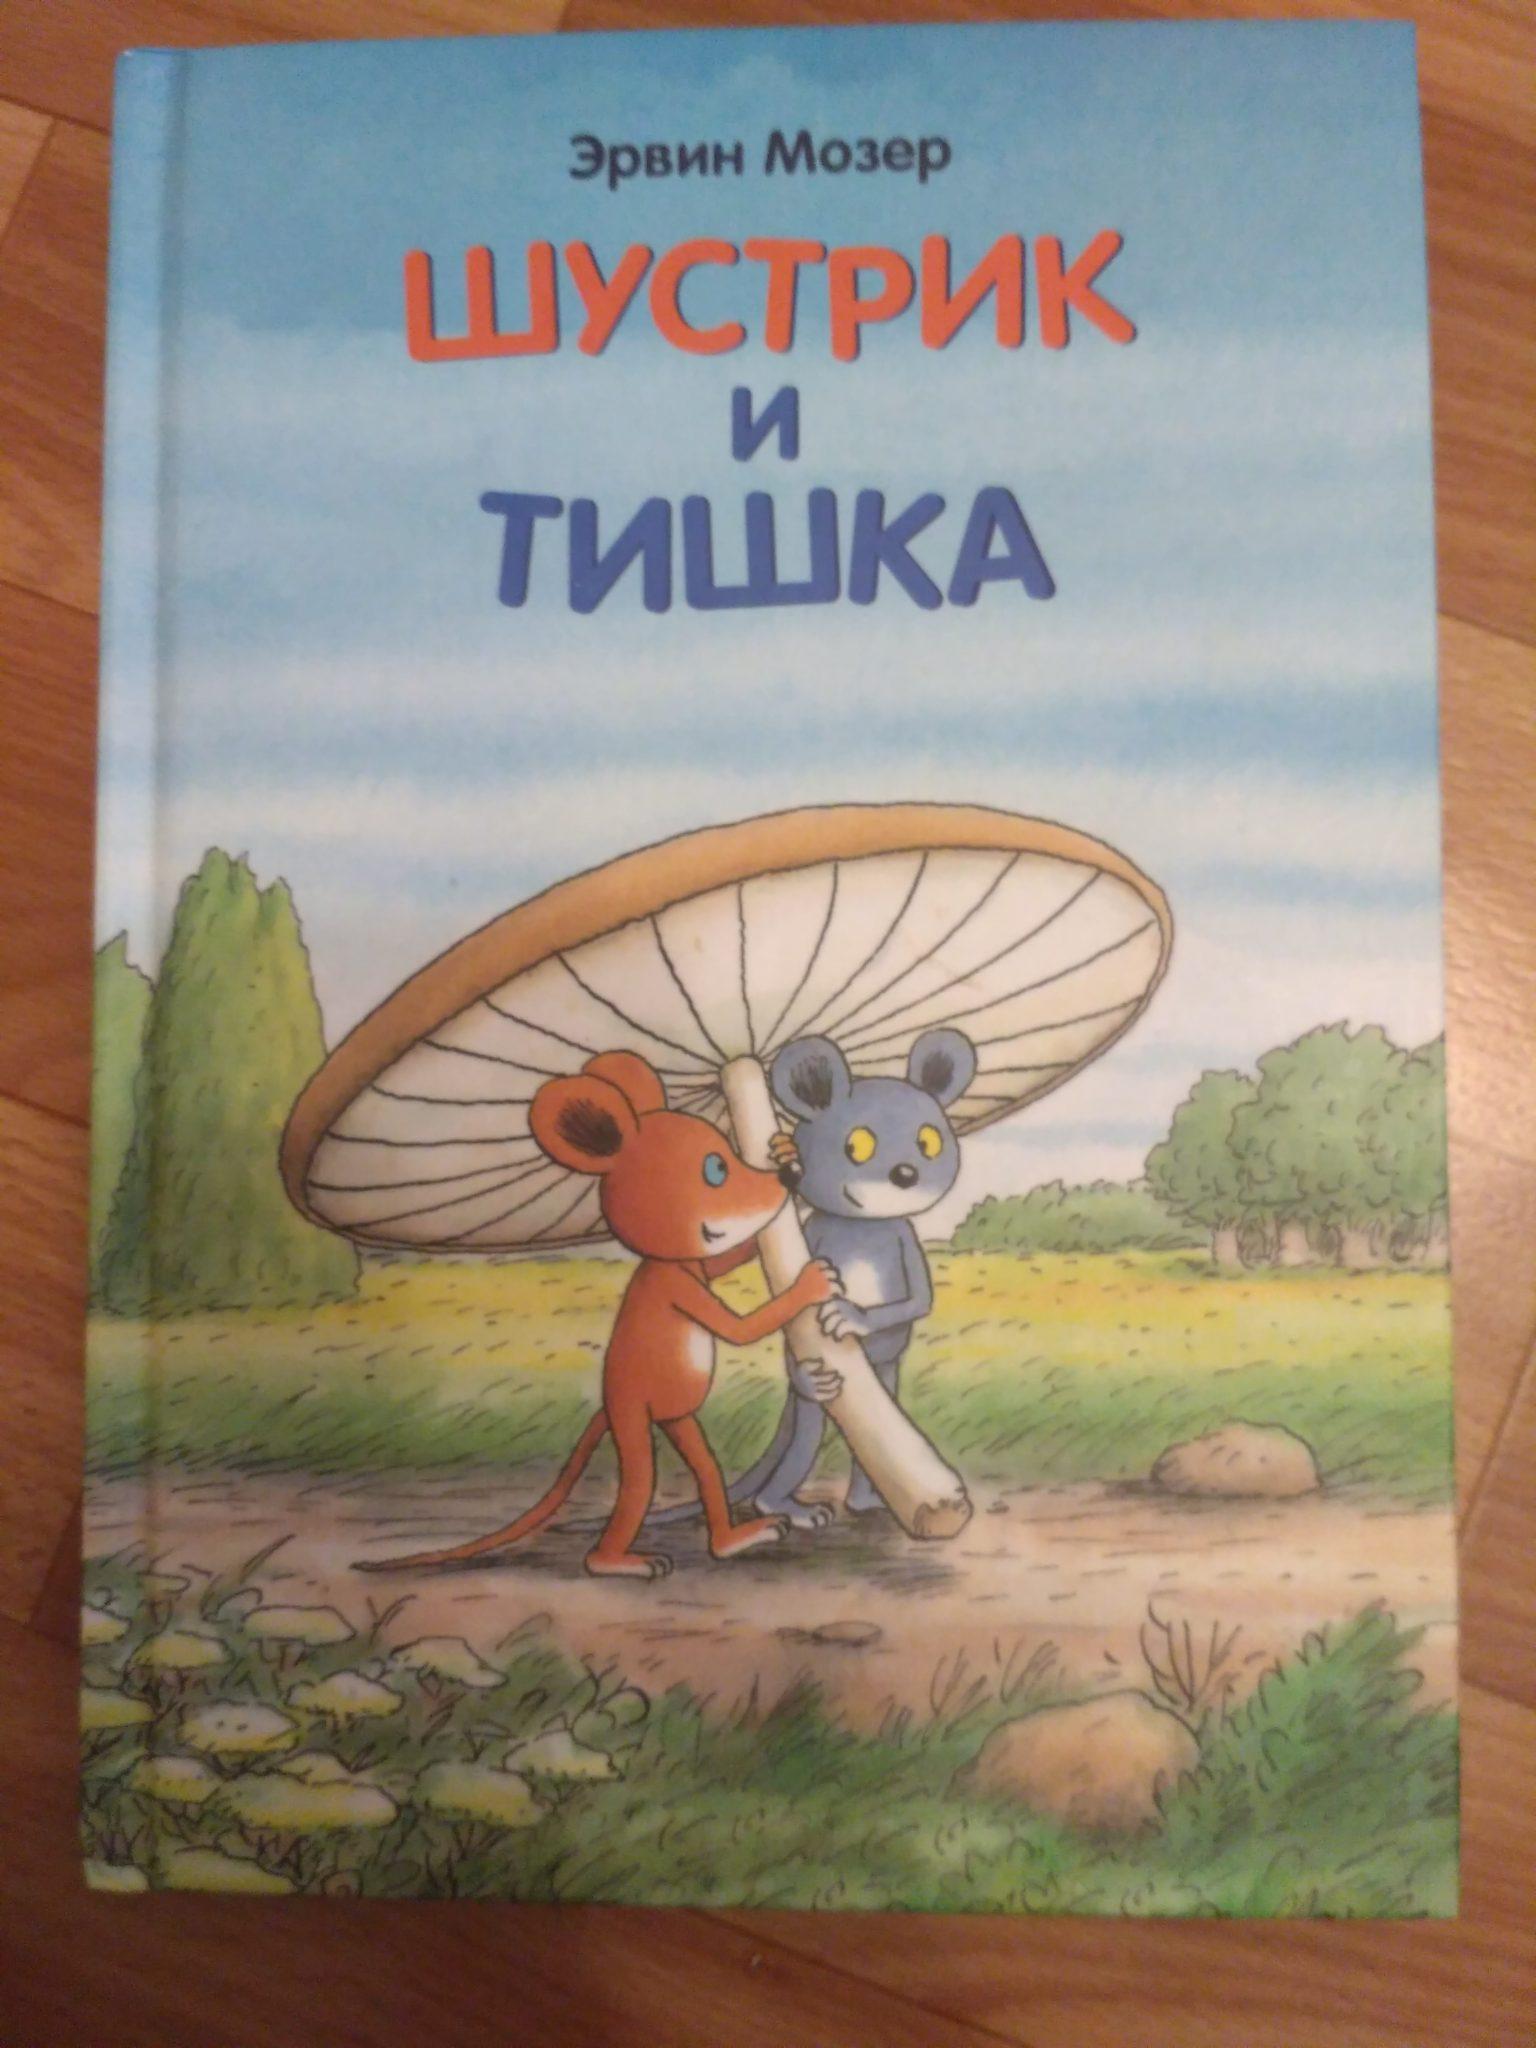 Книга Эрвина Мозера «Шустрик и Тишка»